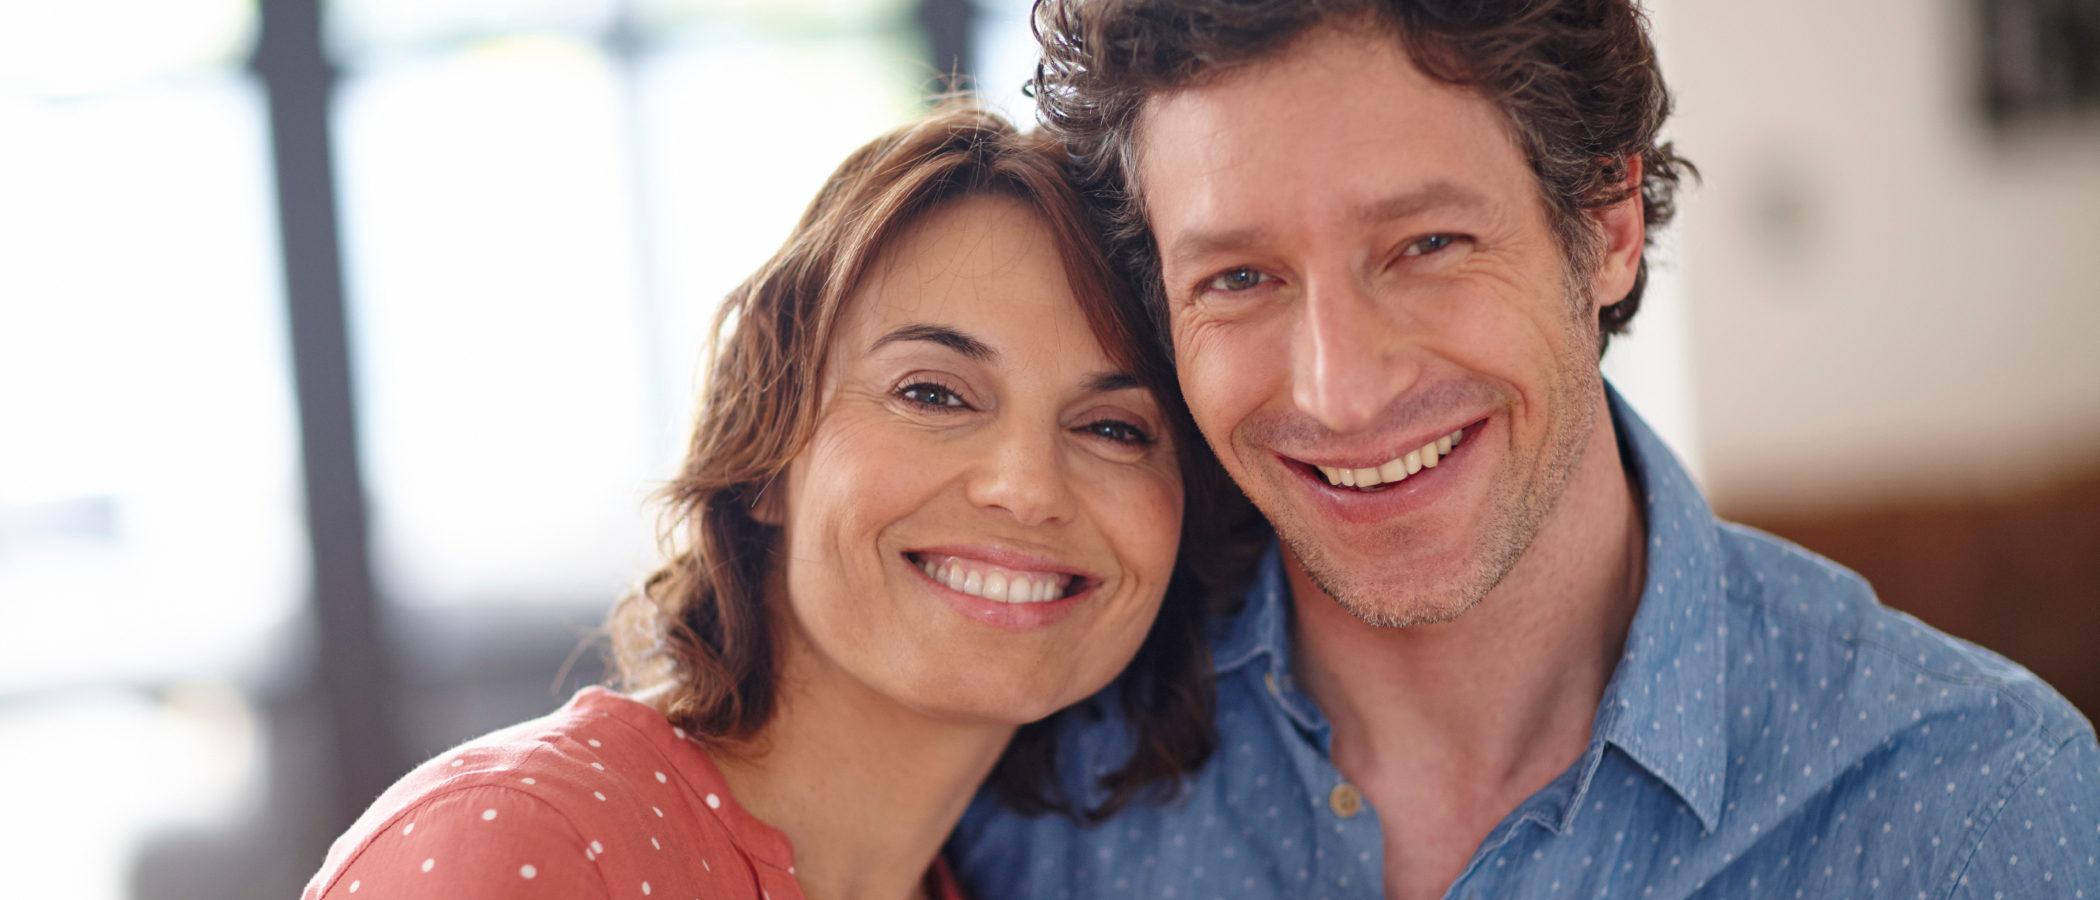 La relación de pareja tras la llegada de un bebé, ¿fortalecida o debilitada?